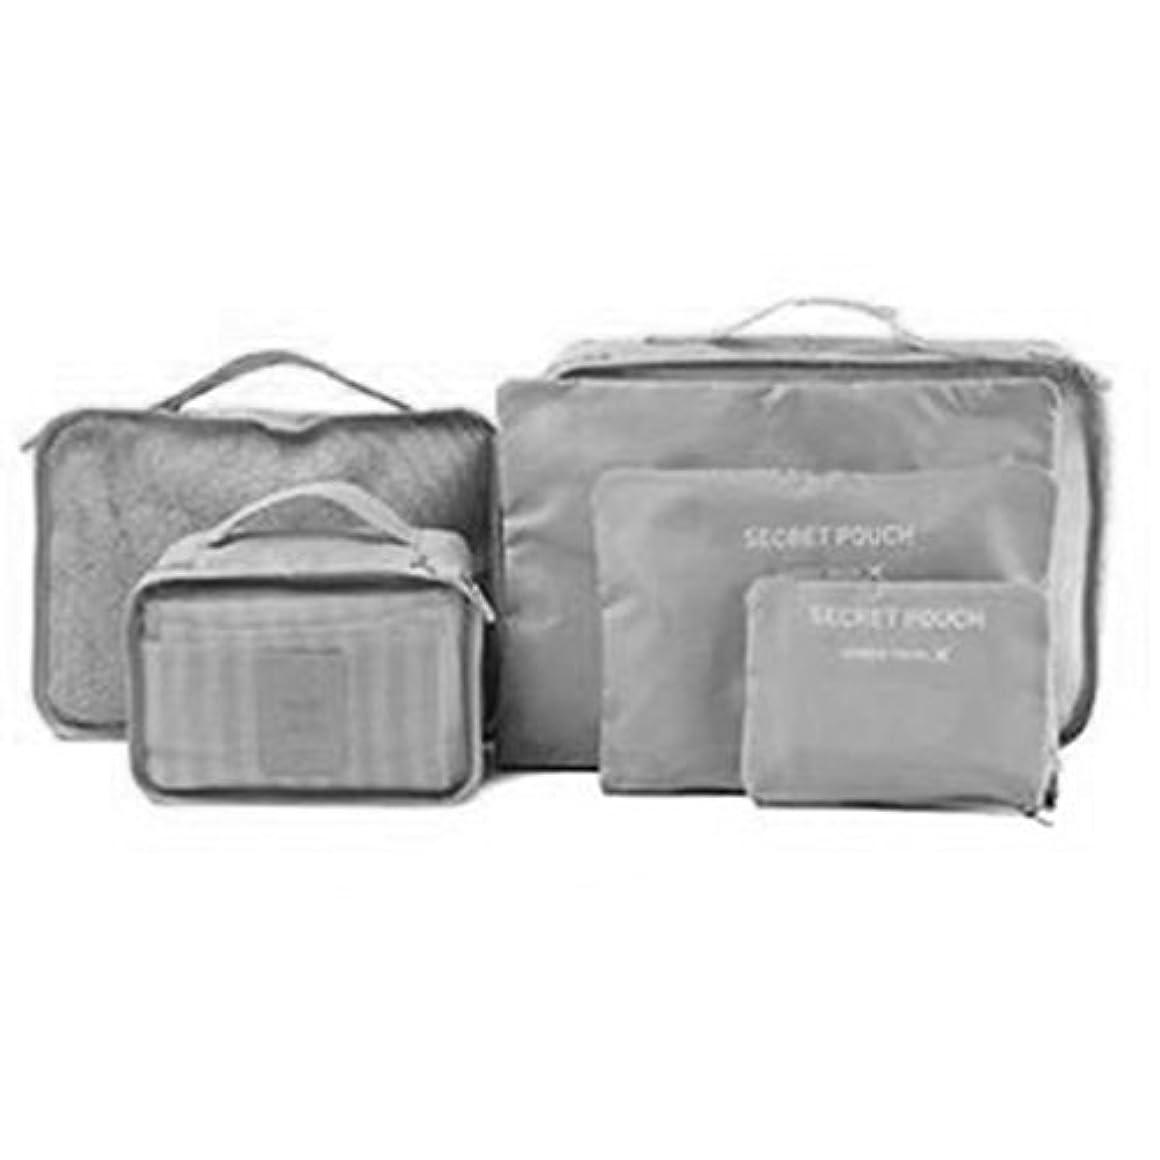 芸術五グローバルSimpleLife防水旅行収納バッグオーガナイザー荷物スーツケース圧縮ポーチ、靴、下着、化粧品、本、パッキングキューブ(6個入り)